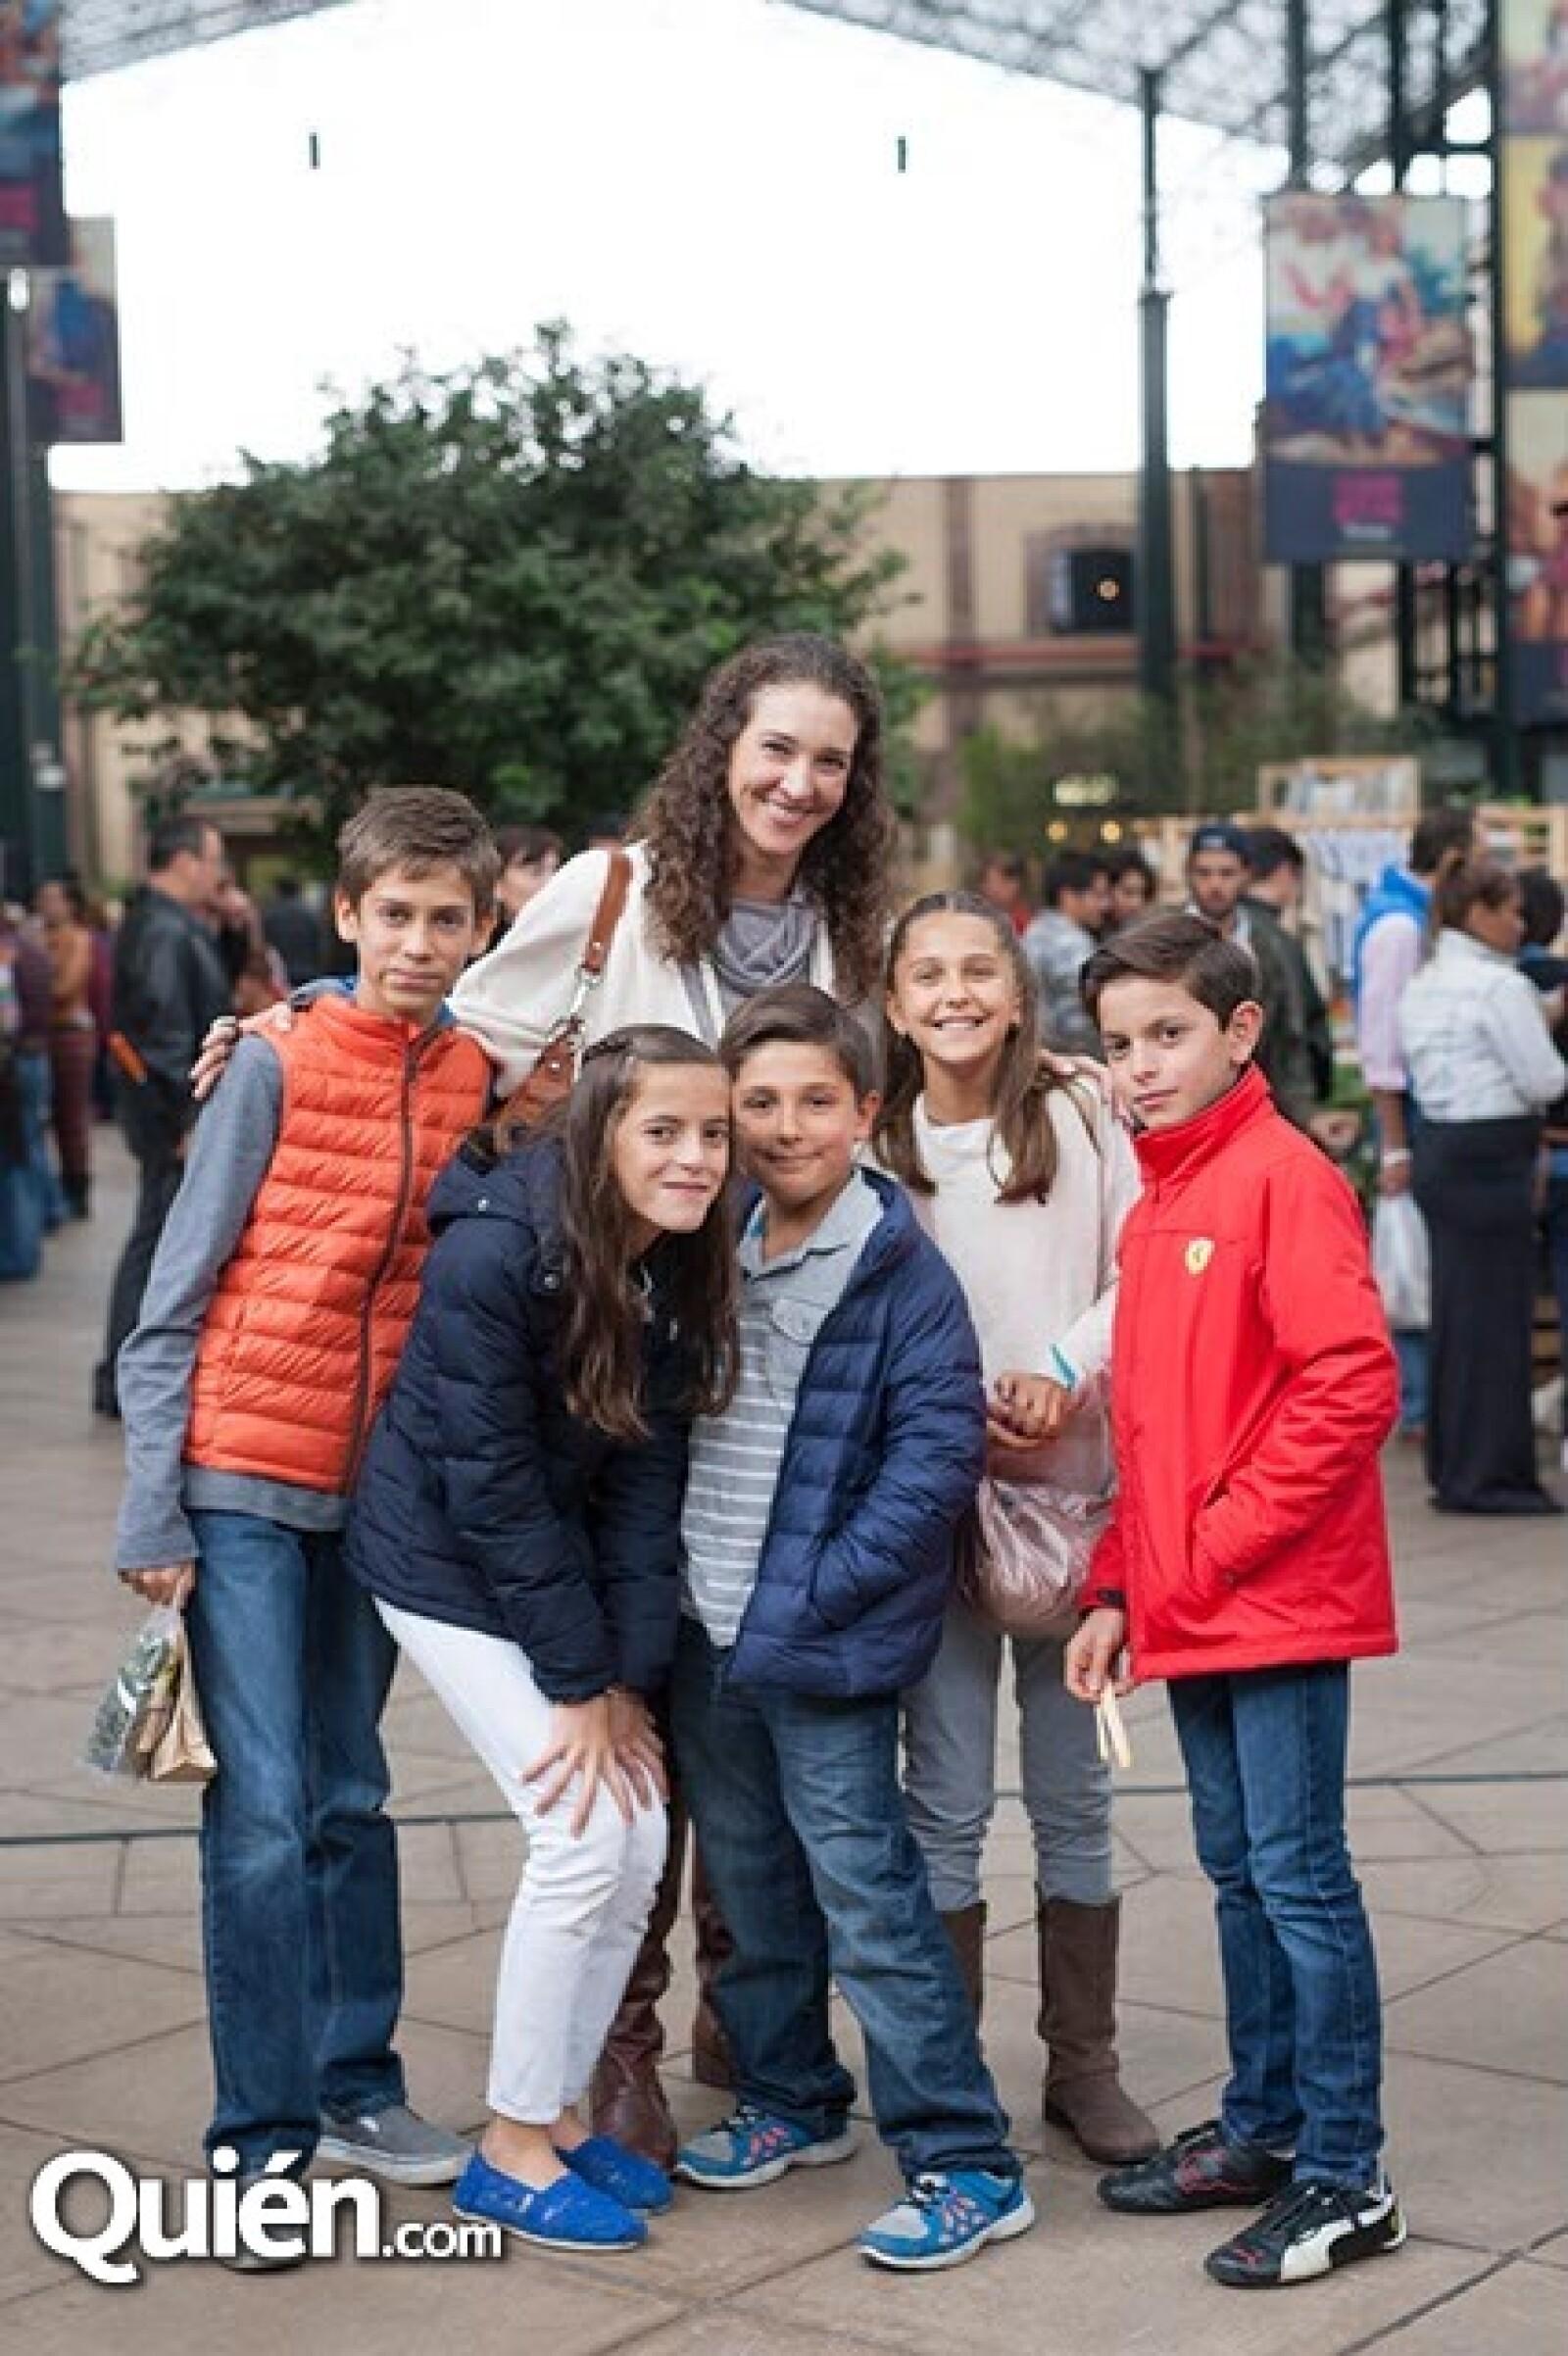 Fernando Ruíz Galindo,Lorenza Carral,Daniela Falcón,Santiago Ruíz Galindo,Ana Ruíz Galindo y Patricio Falcón